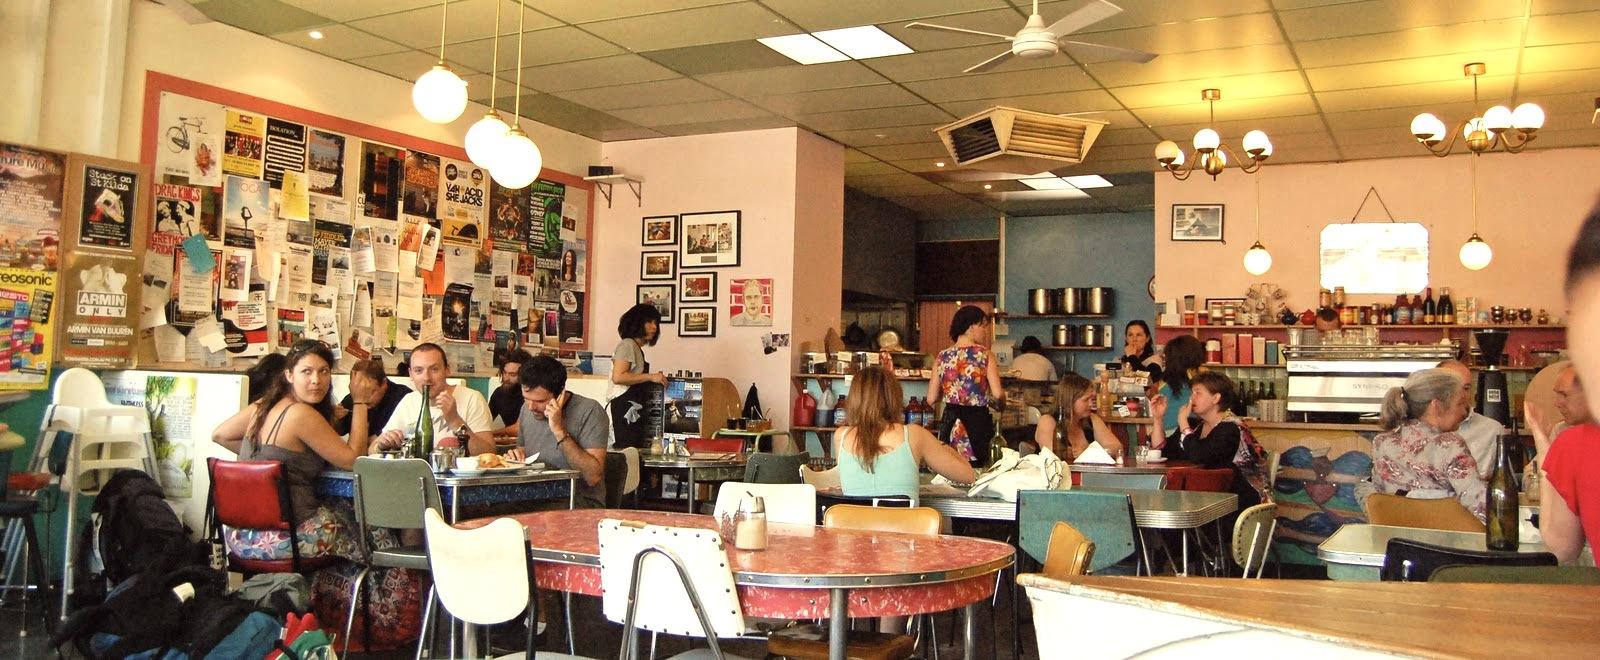 Cafe Peoples Brunch